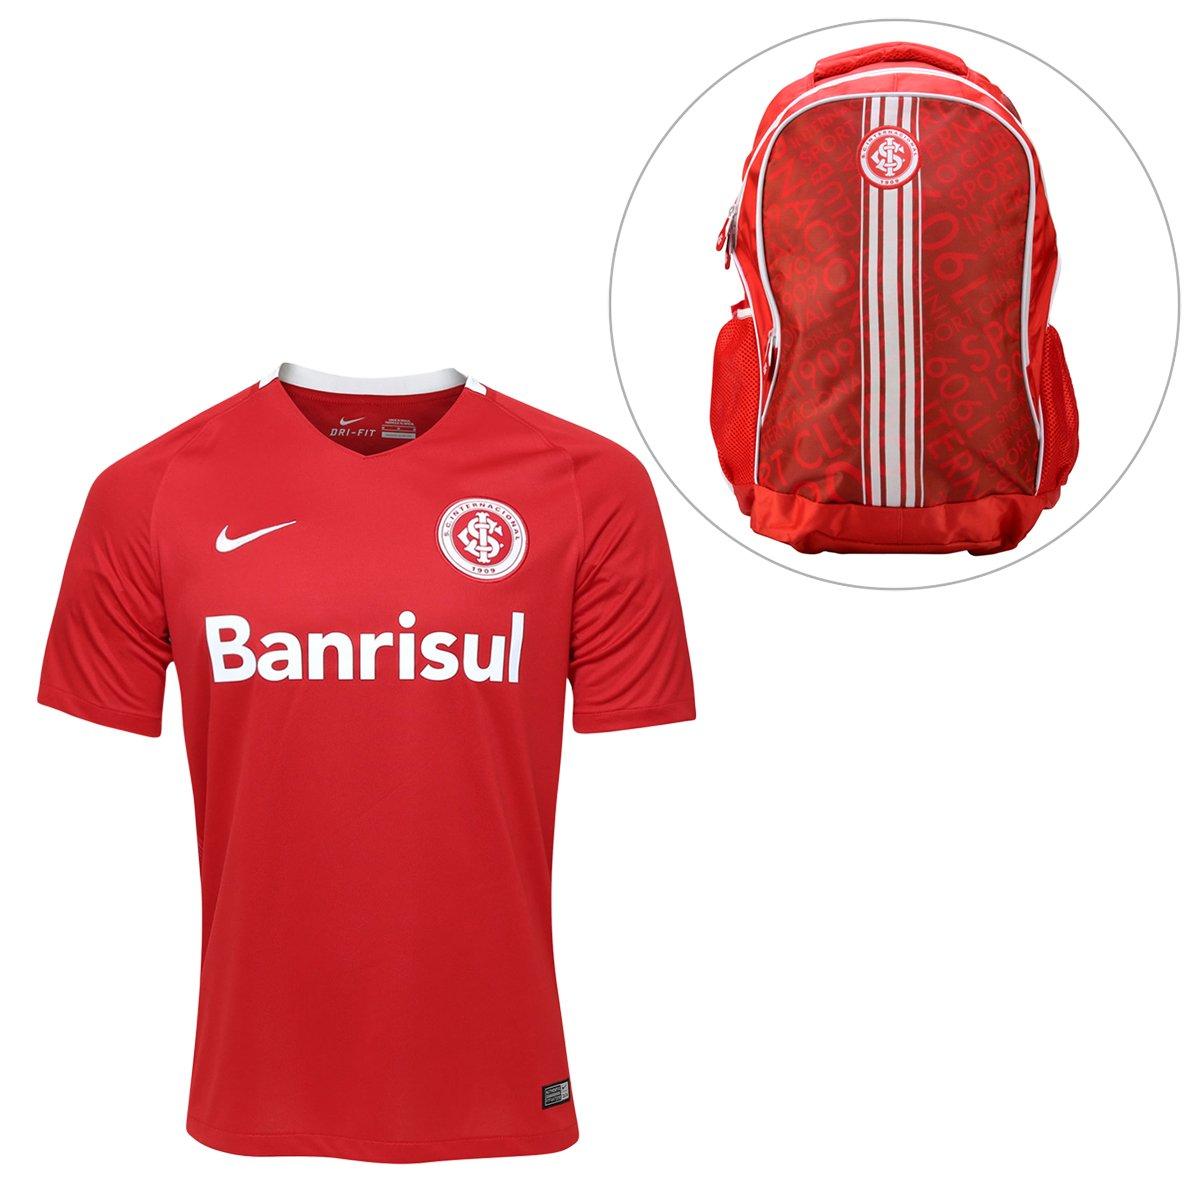 5e1d5847a0c19 Kit Camisa Nike Internacional I 2016 s/nº + Mochila Internacional | Netshoes